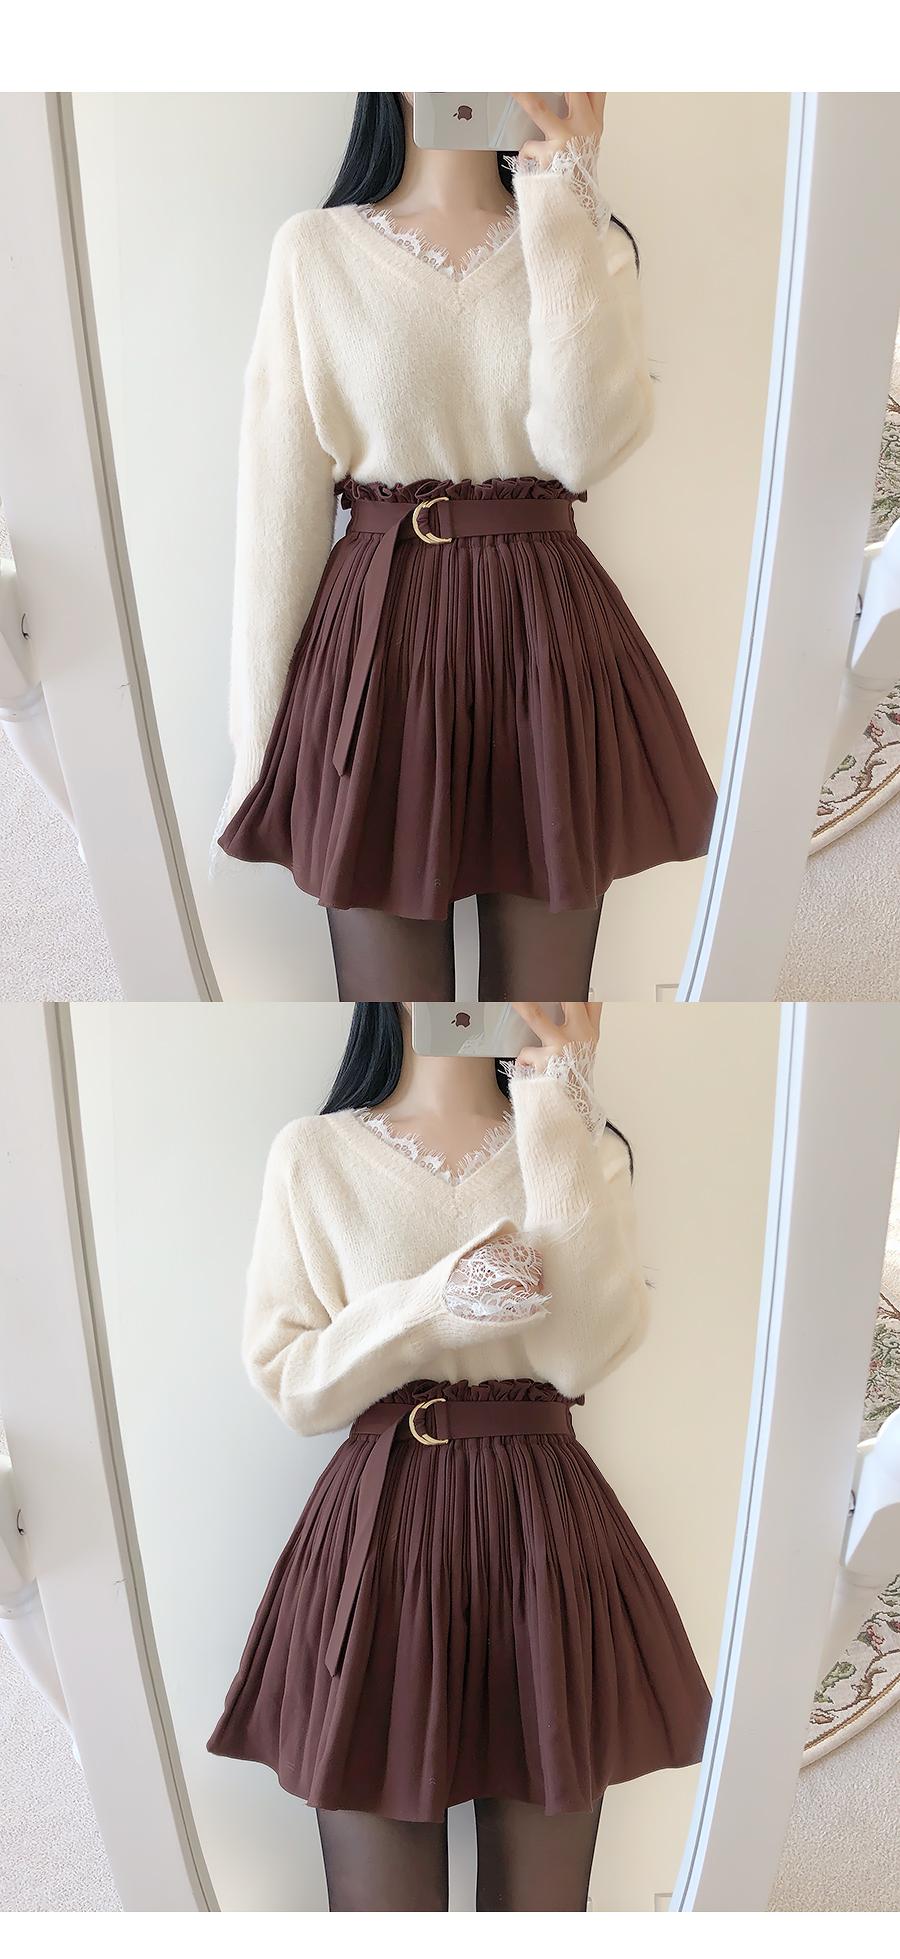 Gourmi Fur Lace Knit